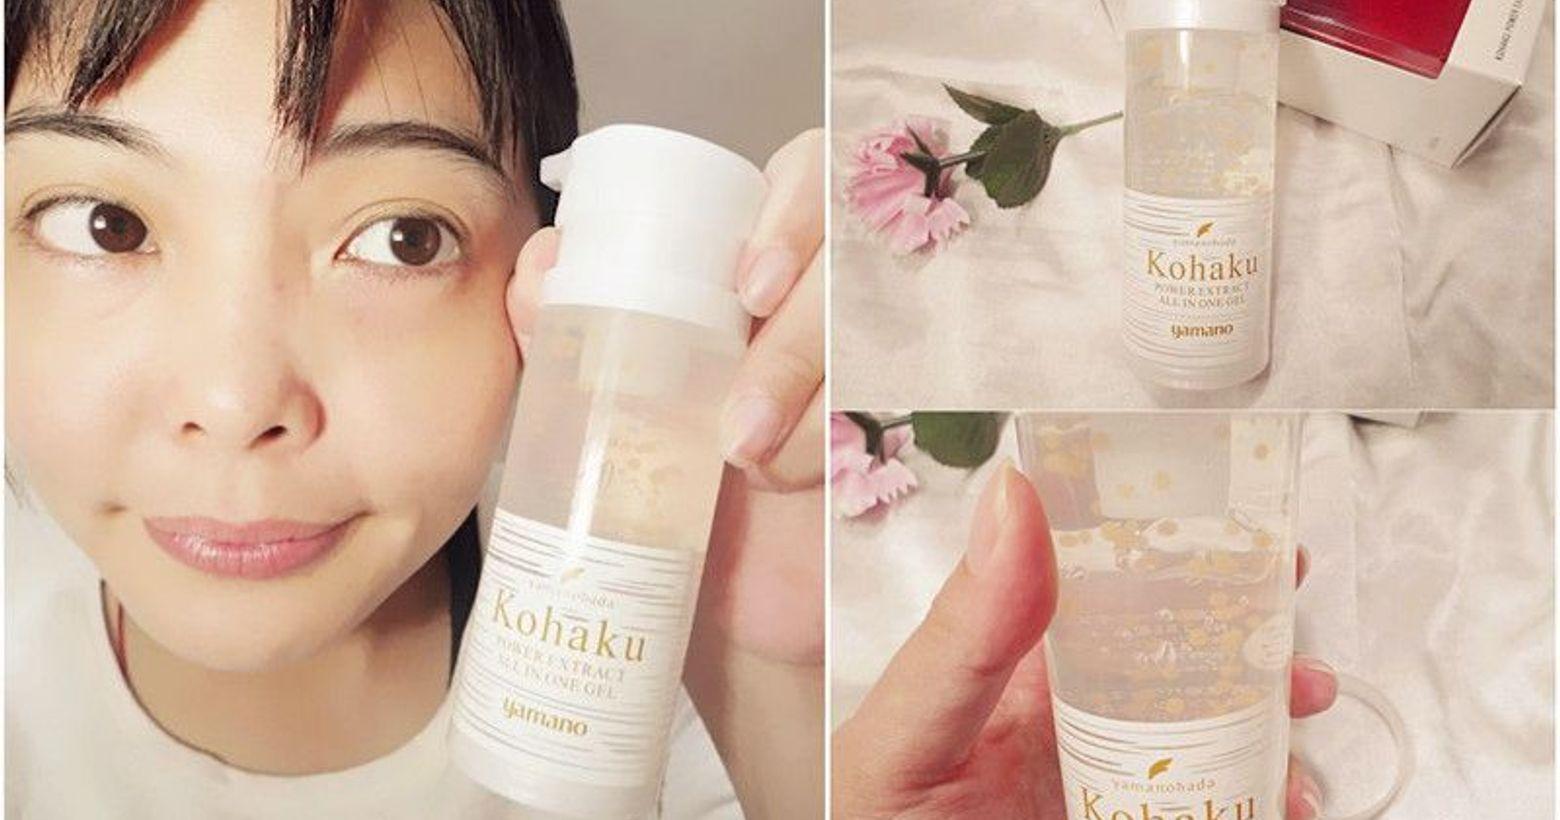 護膚 ░  日本美容界先驅-「山野愛子」創立品牌,yamano琥珀輕齡緊緻凝露原文網址我個人是很喜